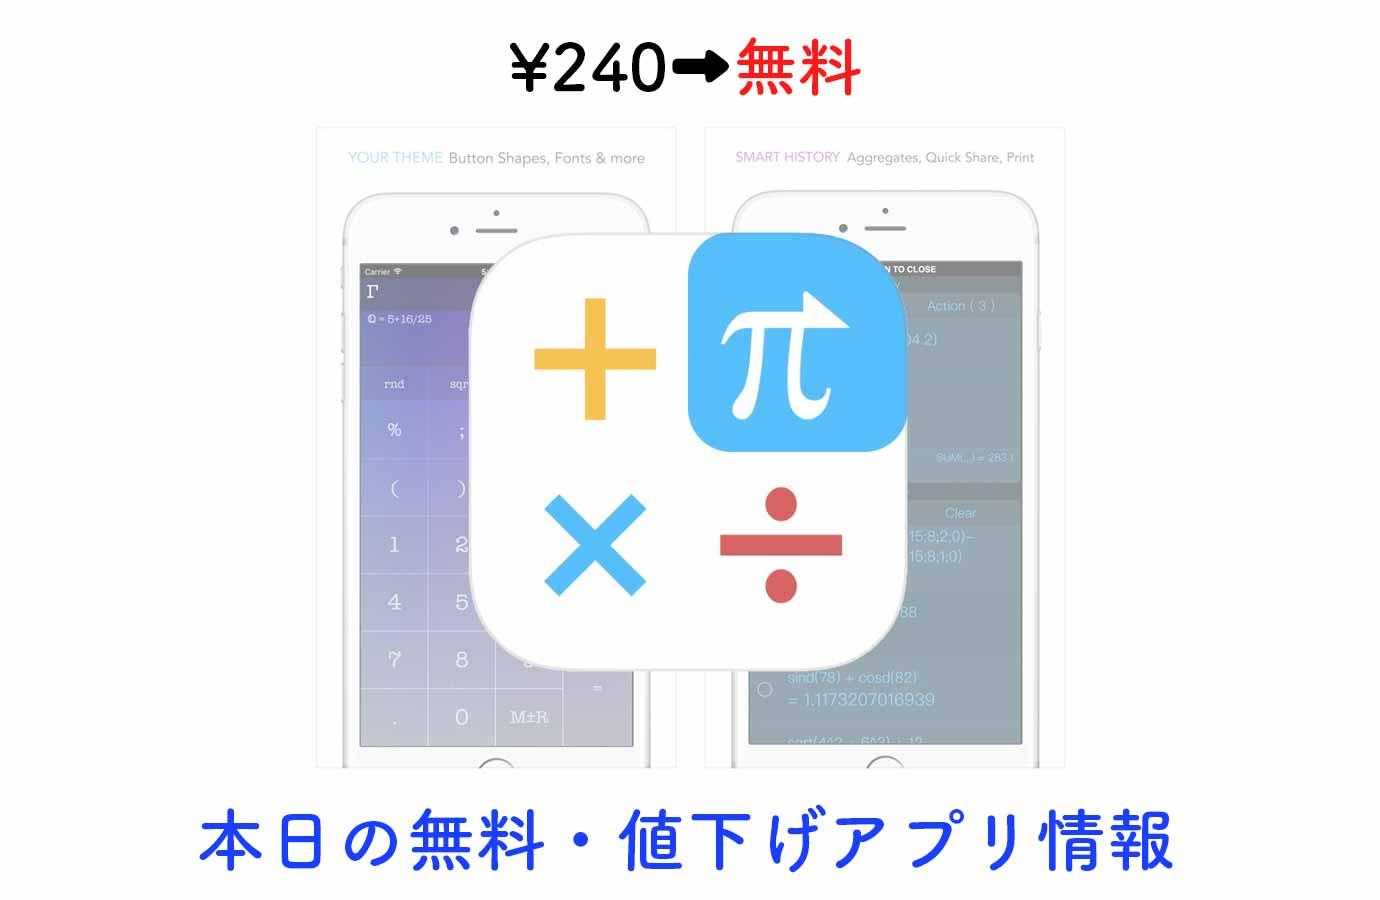 ¥240→無料、計算履歴も表示できる高機能関数電卓アプリ「CALC Swift」など【7/28】本日の無料・値下げアプリ情報